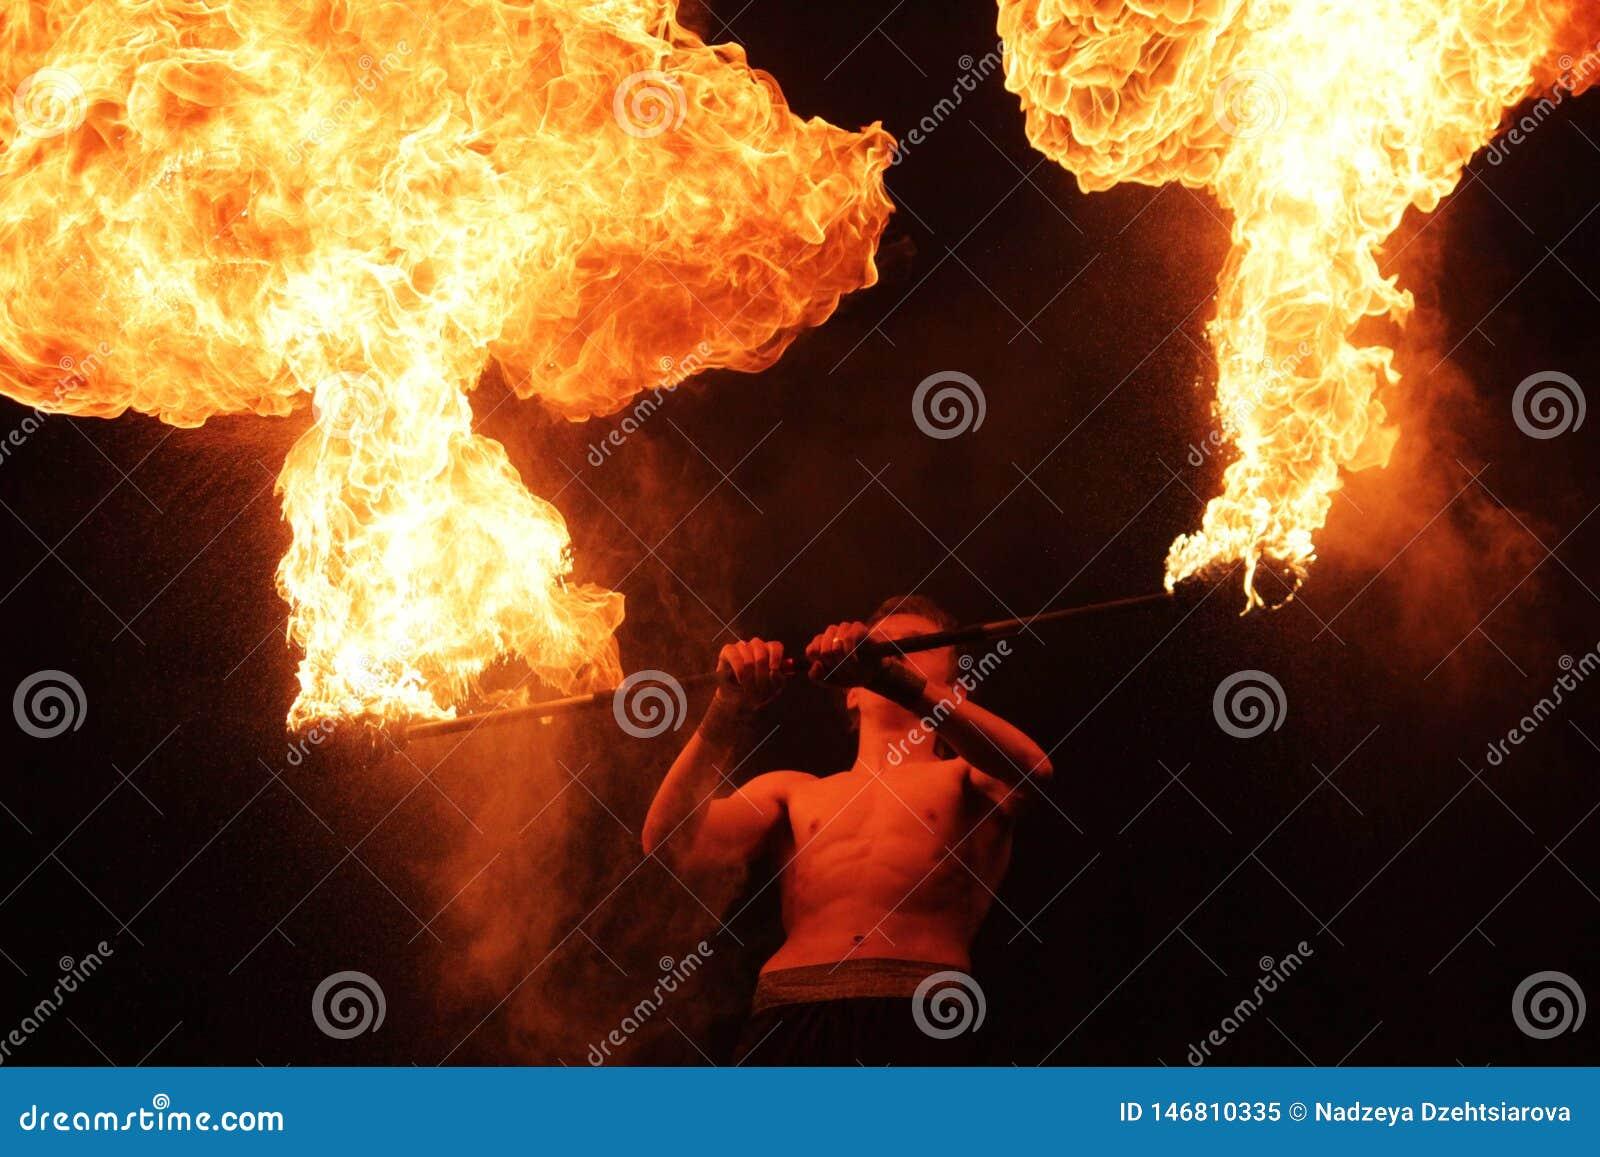 Fakir met een brandende pool